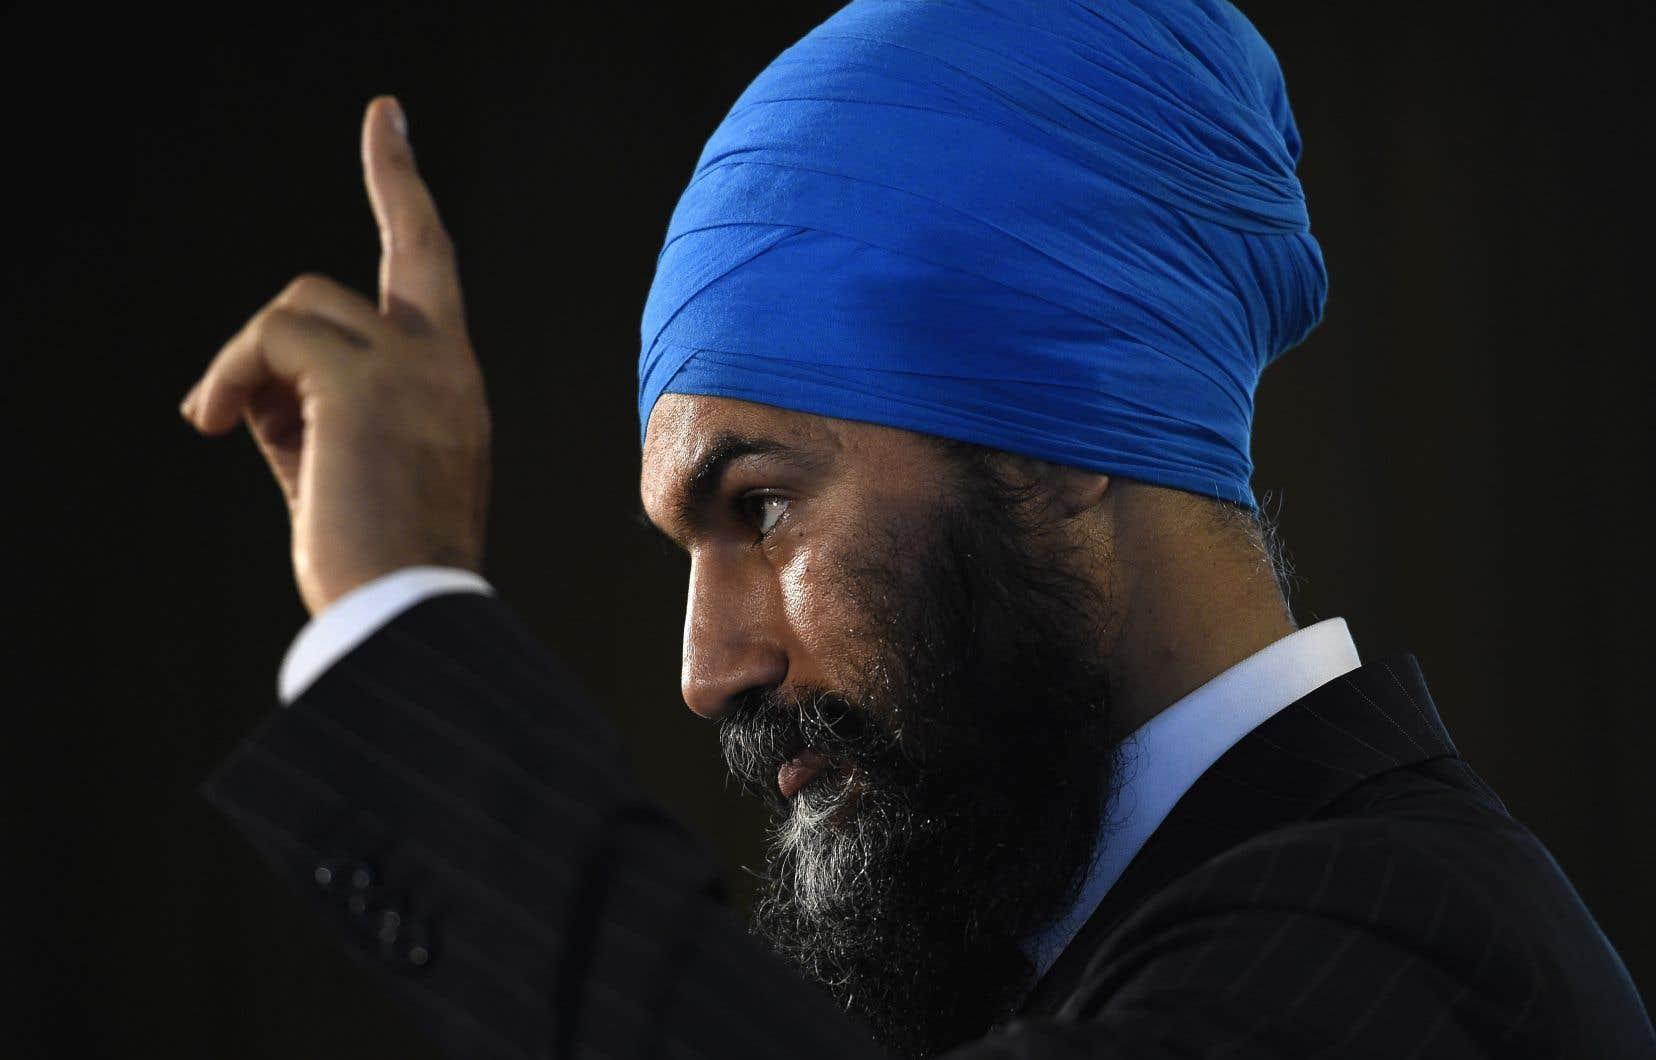 M.Singh estime malgré tout avoir reçu un bon accueil, alors qu'il a dû travailler fort pour se faire connaître au Québec.